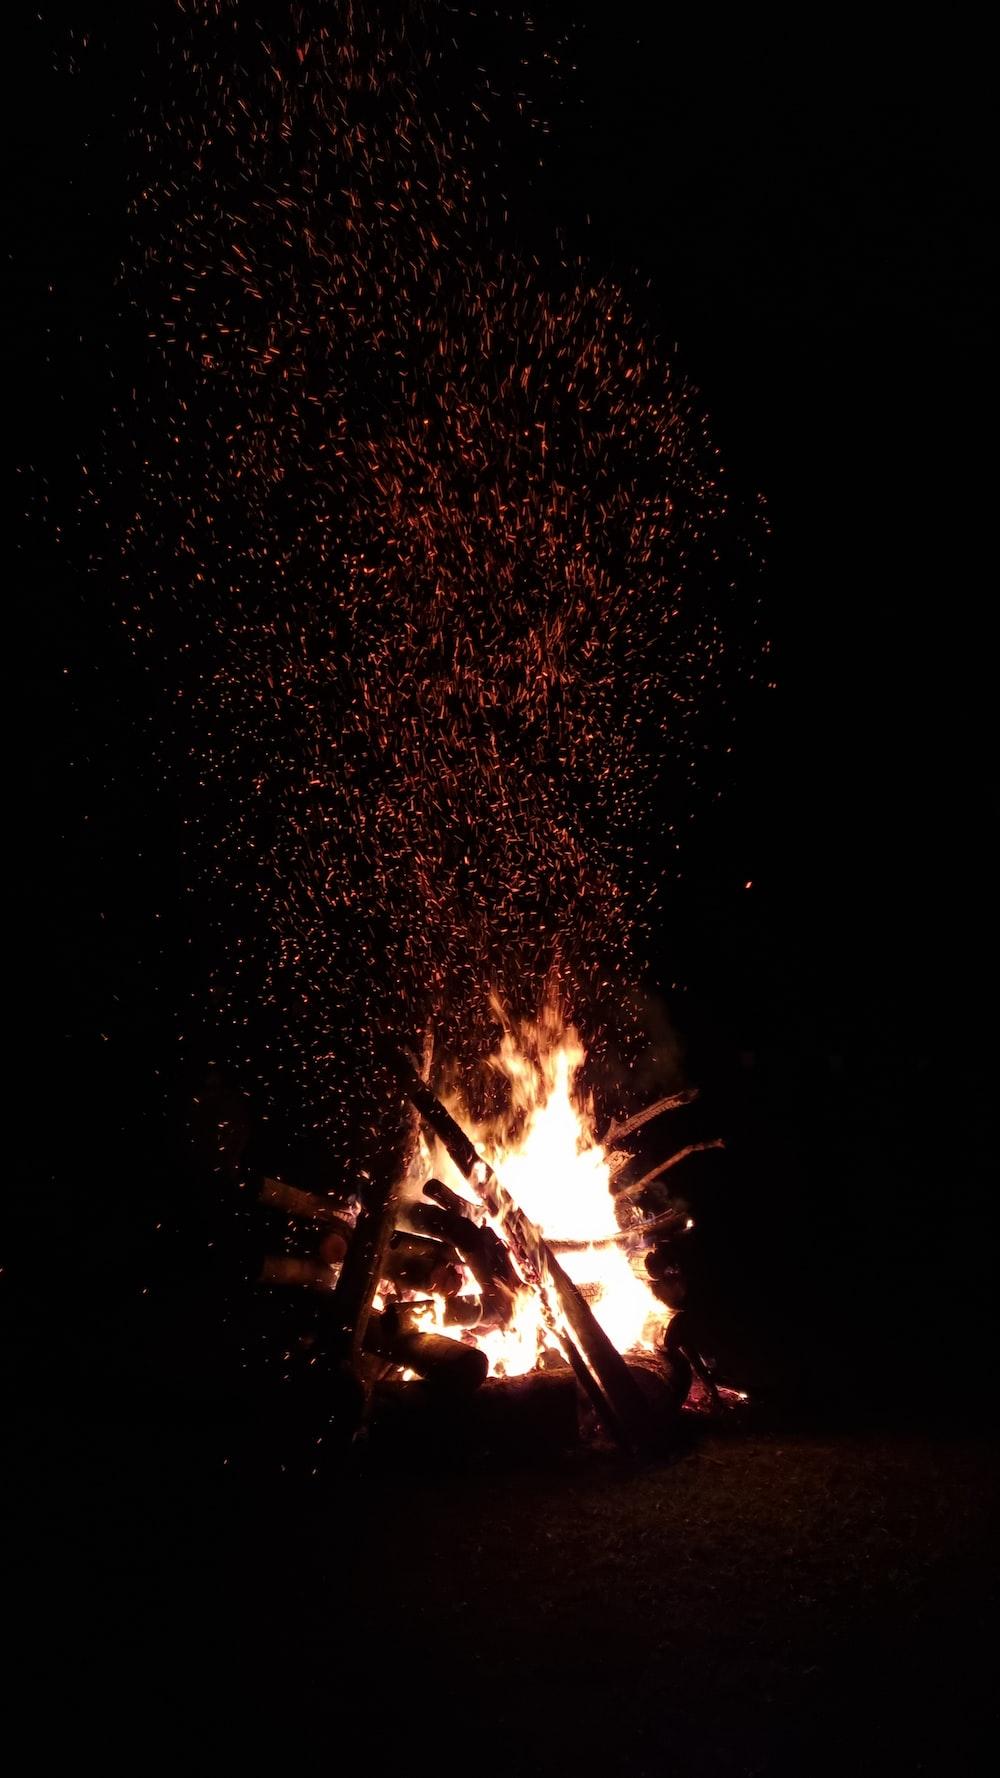 bonfire under starry night sky